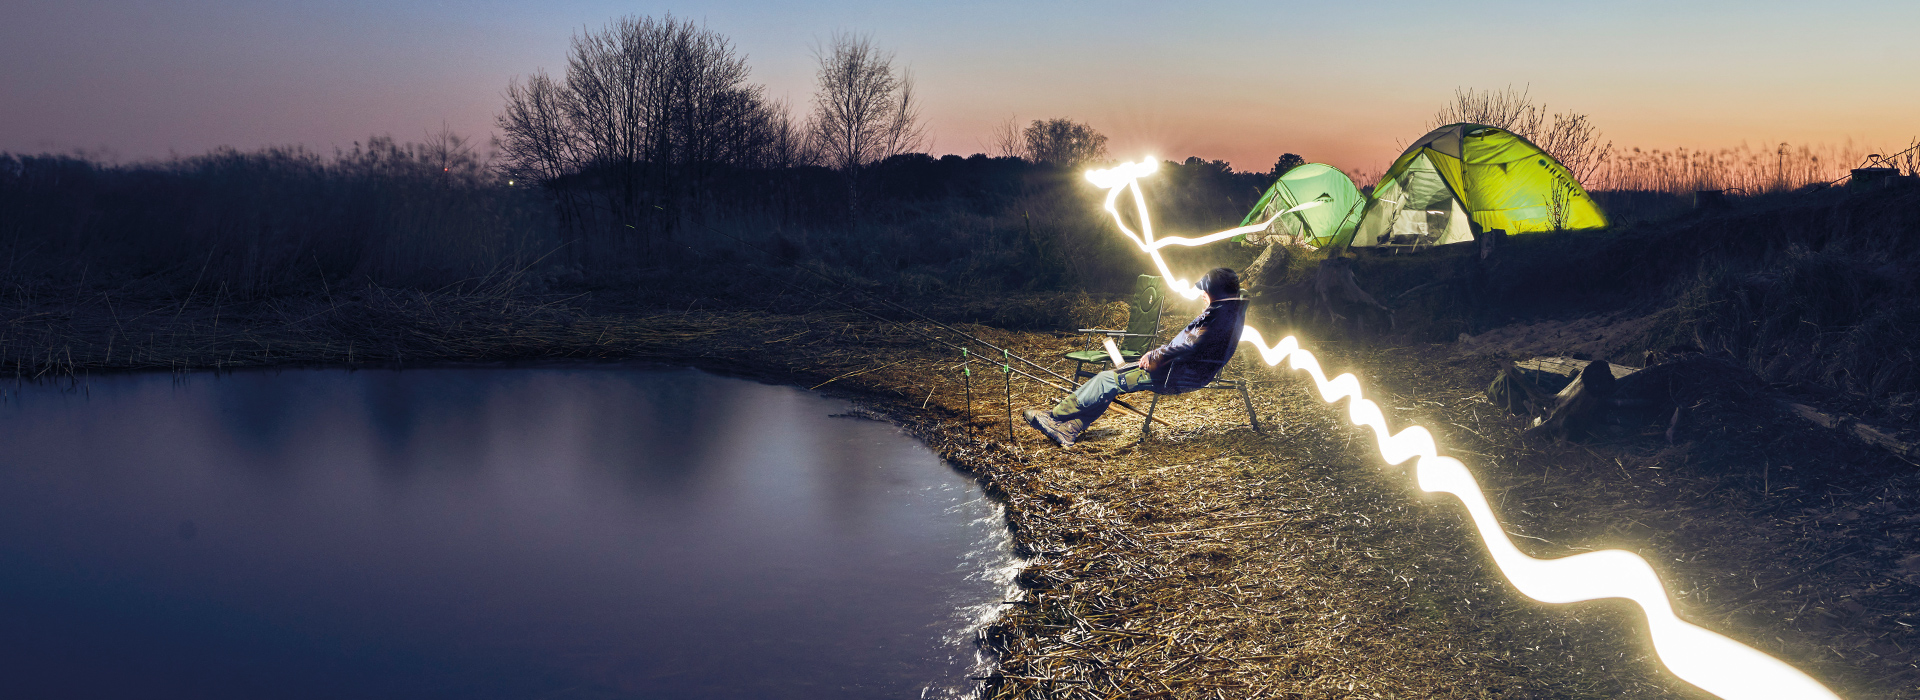 Deeper Power LanternPosviťte si na své zážitky pod širým nebem